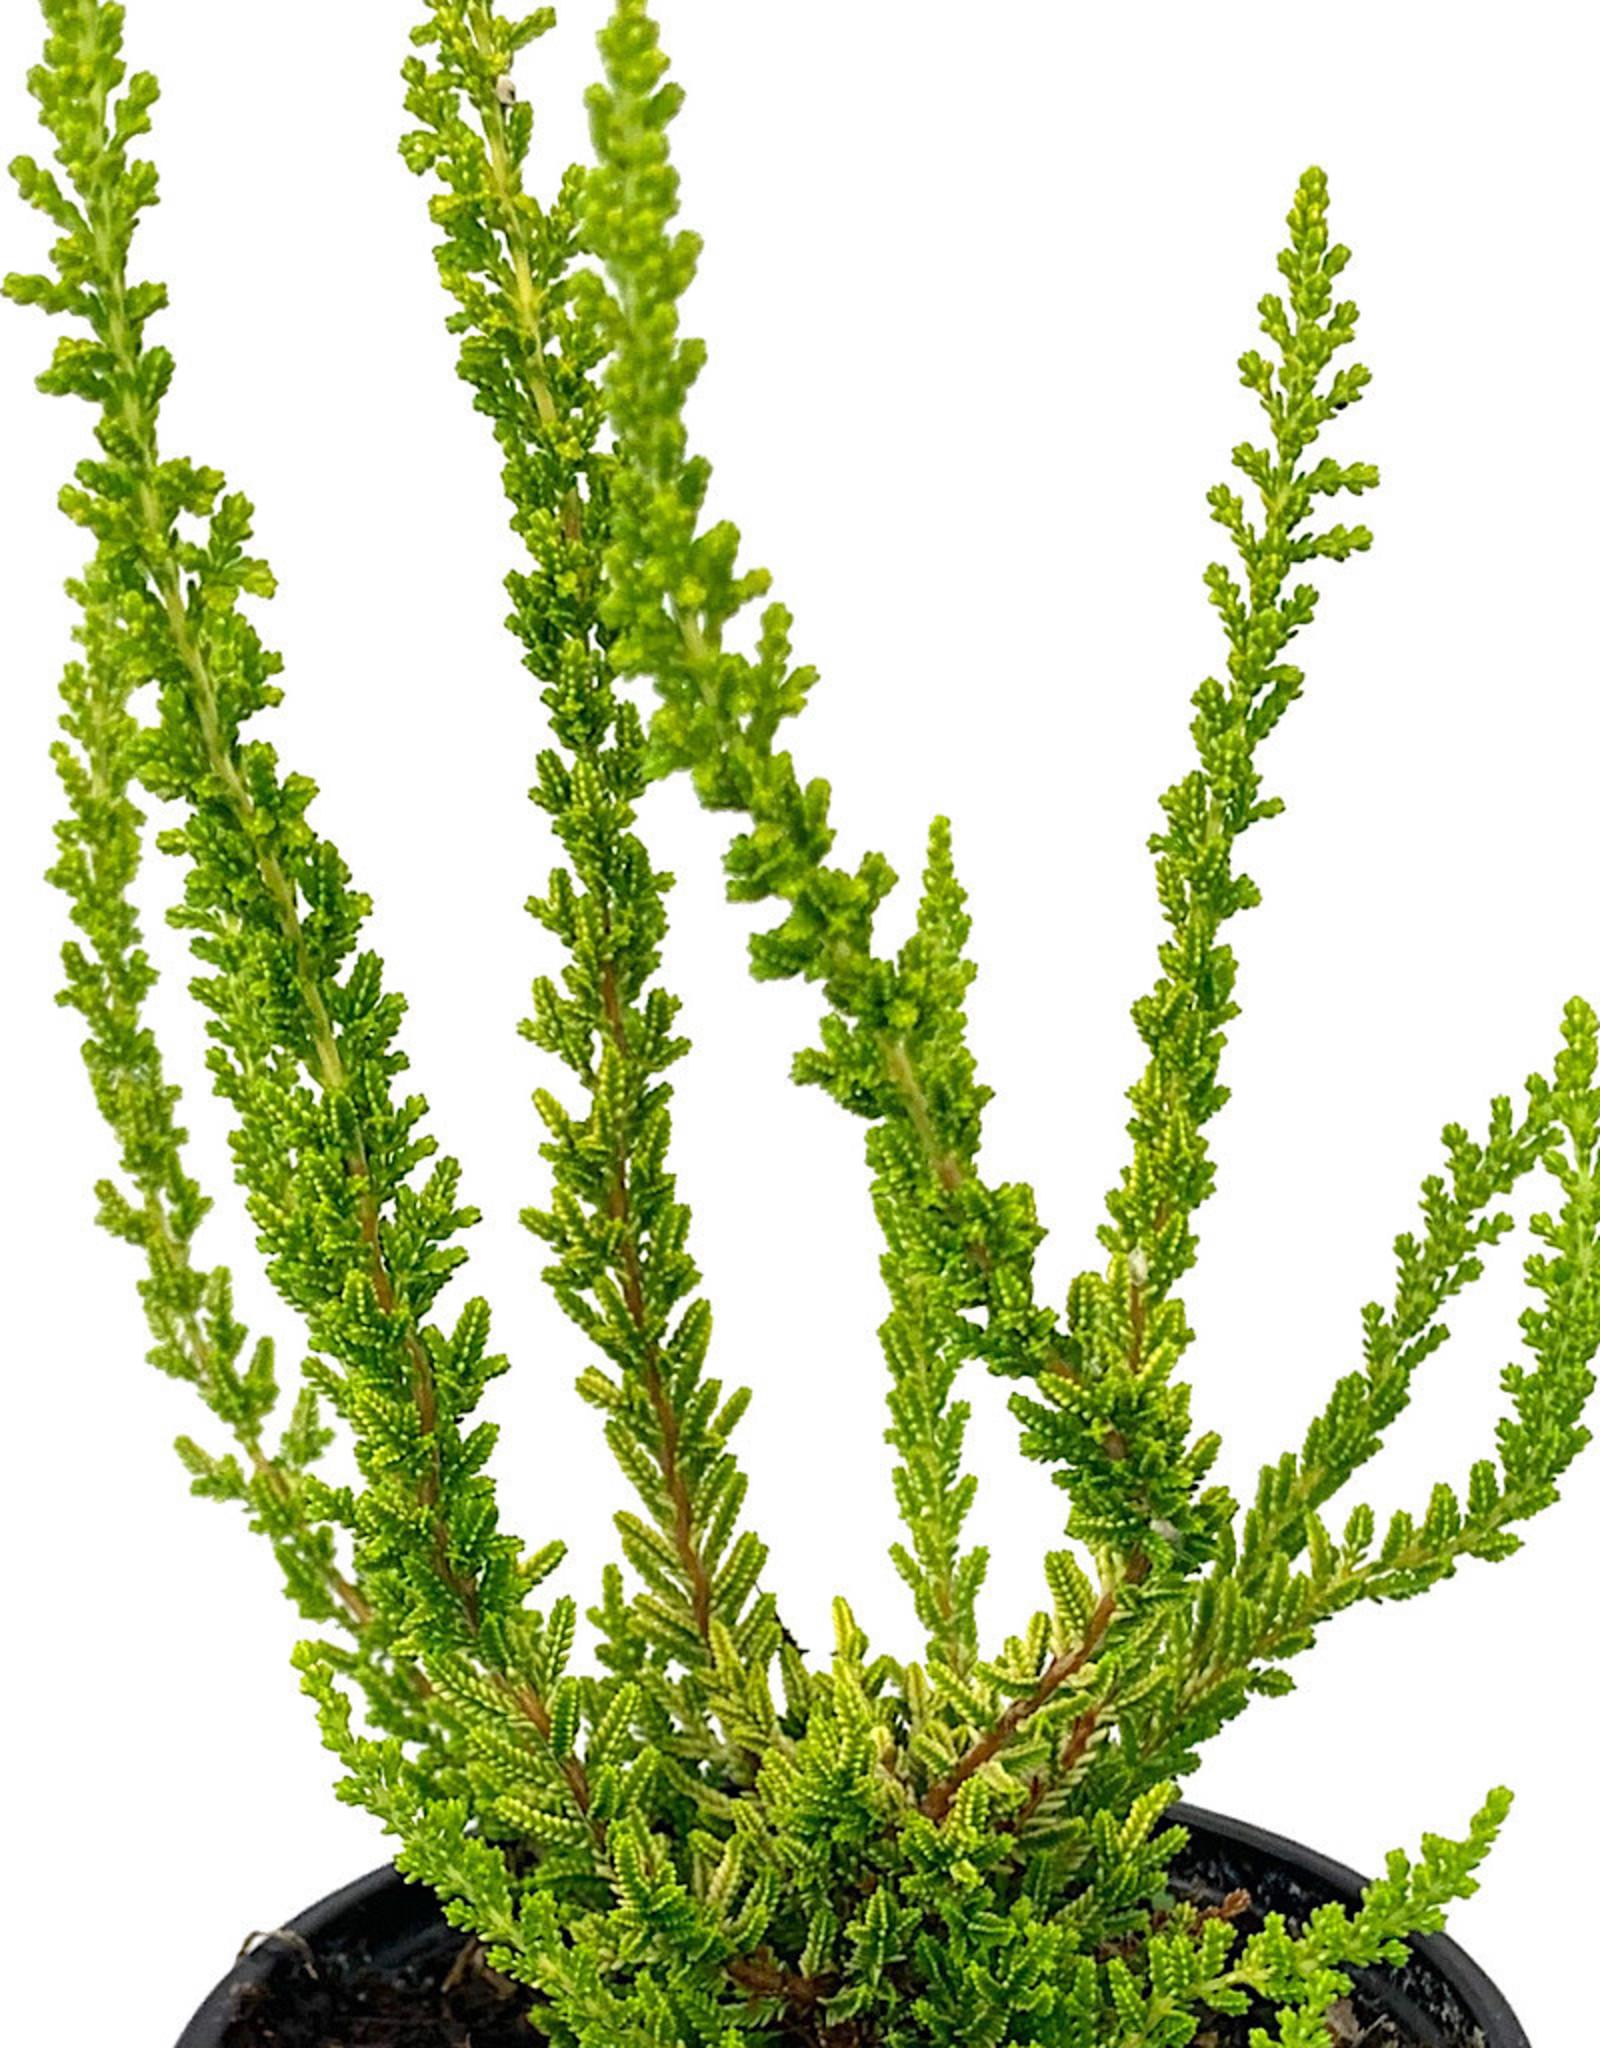 Calluna vulgaris 'Zeta' 4 inch